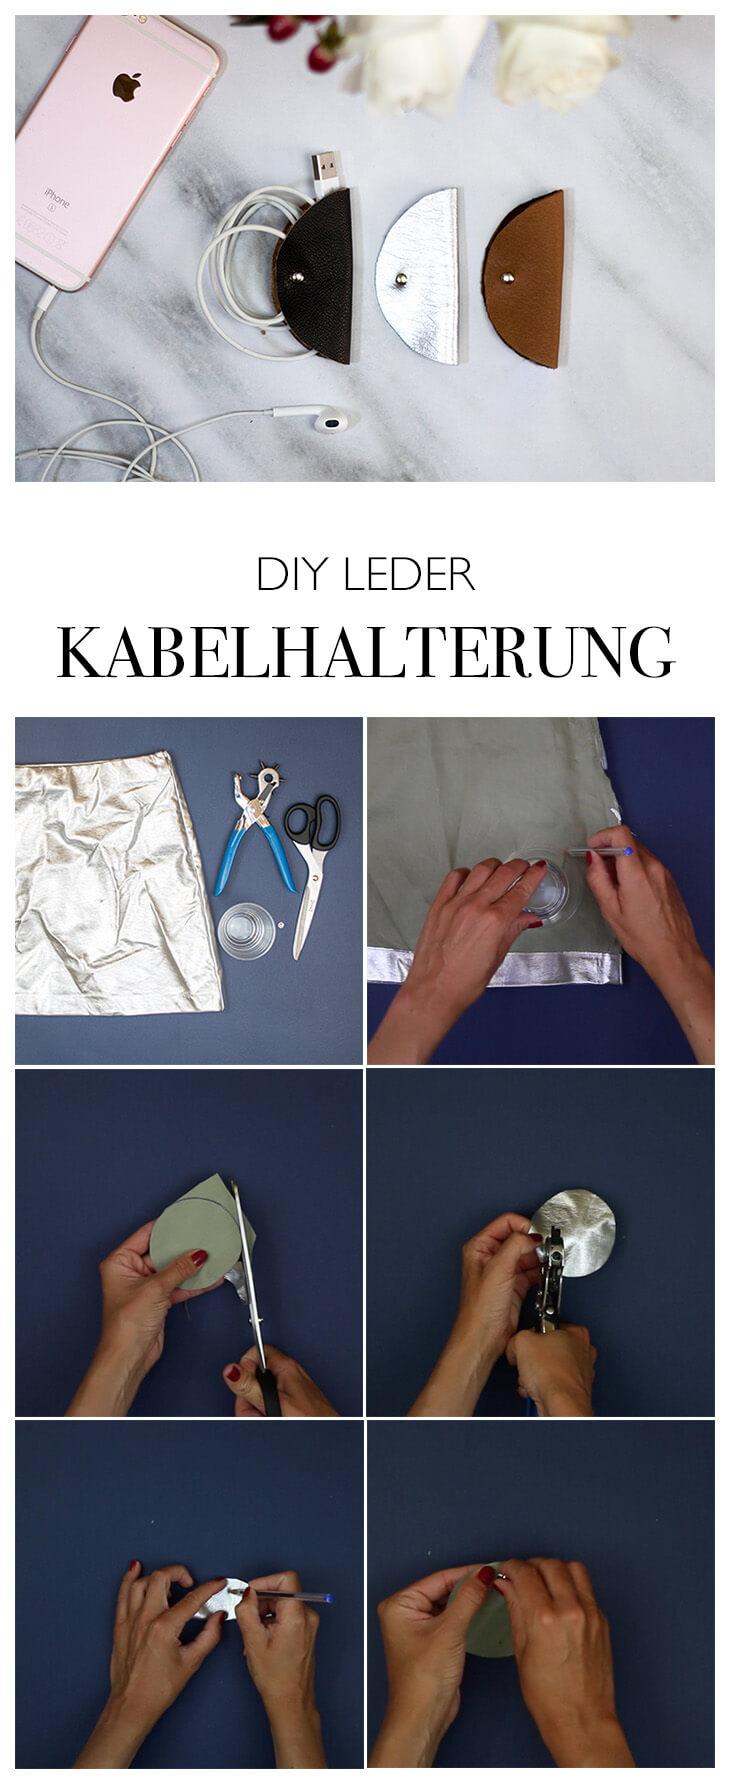 Step by Step Anleitung Kabelbinder basteln - Geschenk einfach selber machen